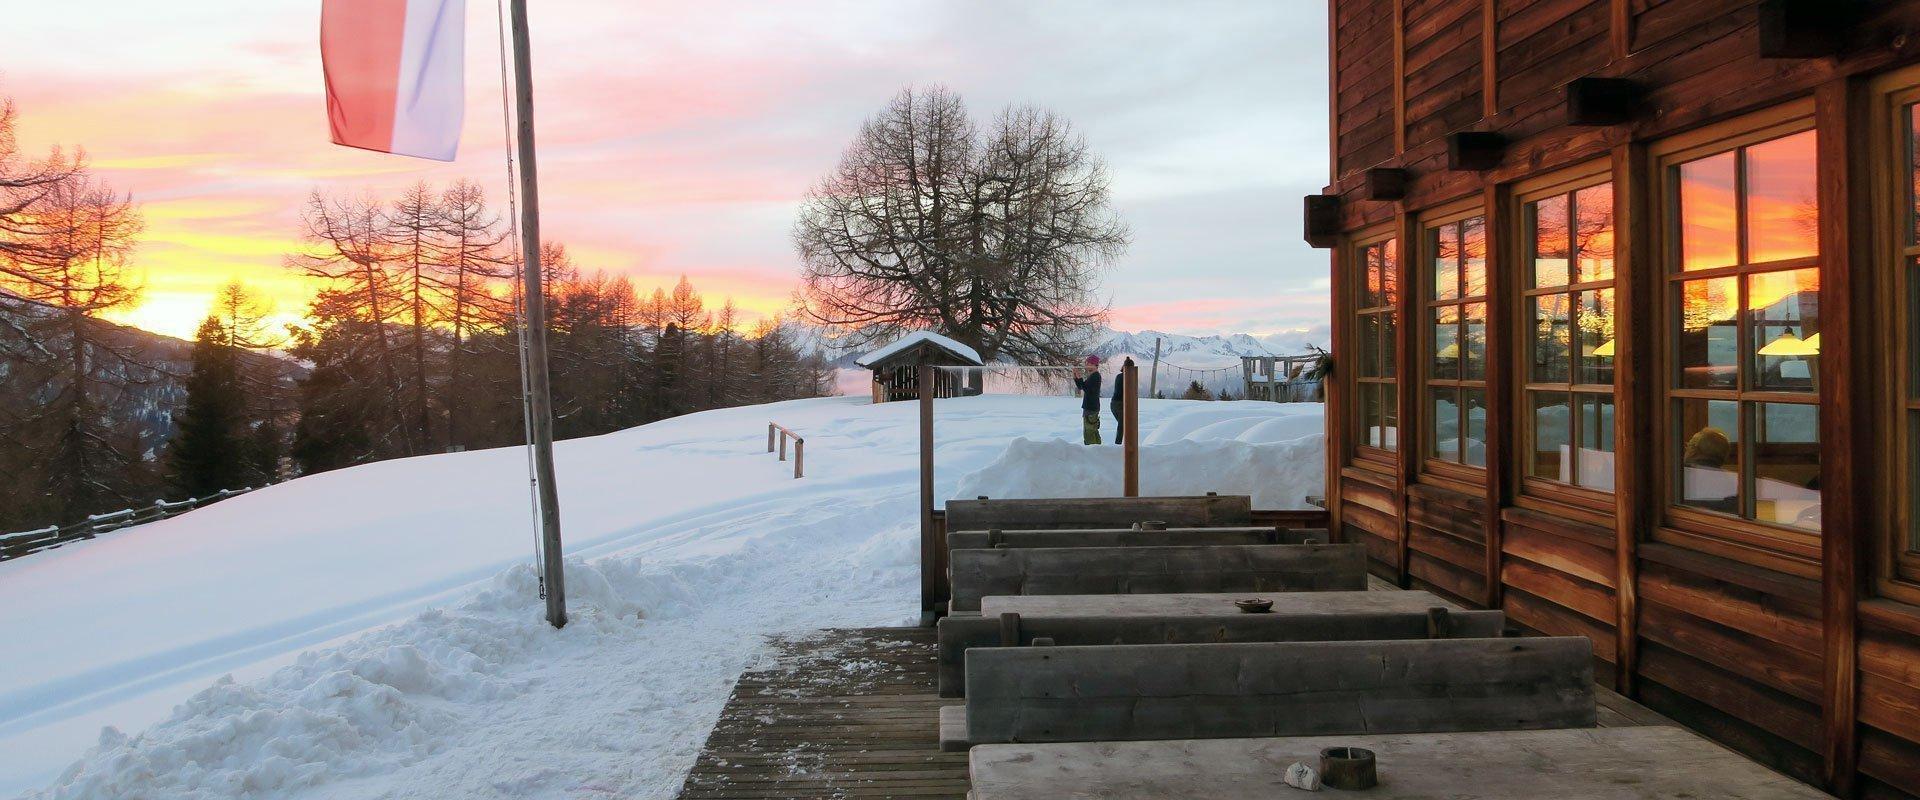 winterurlaub-suedtirol-kreuzwiesen-huette-2